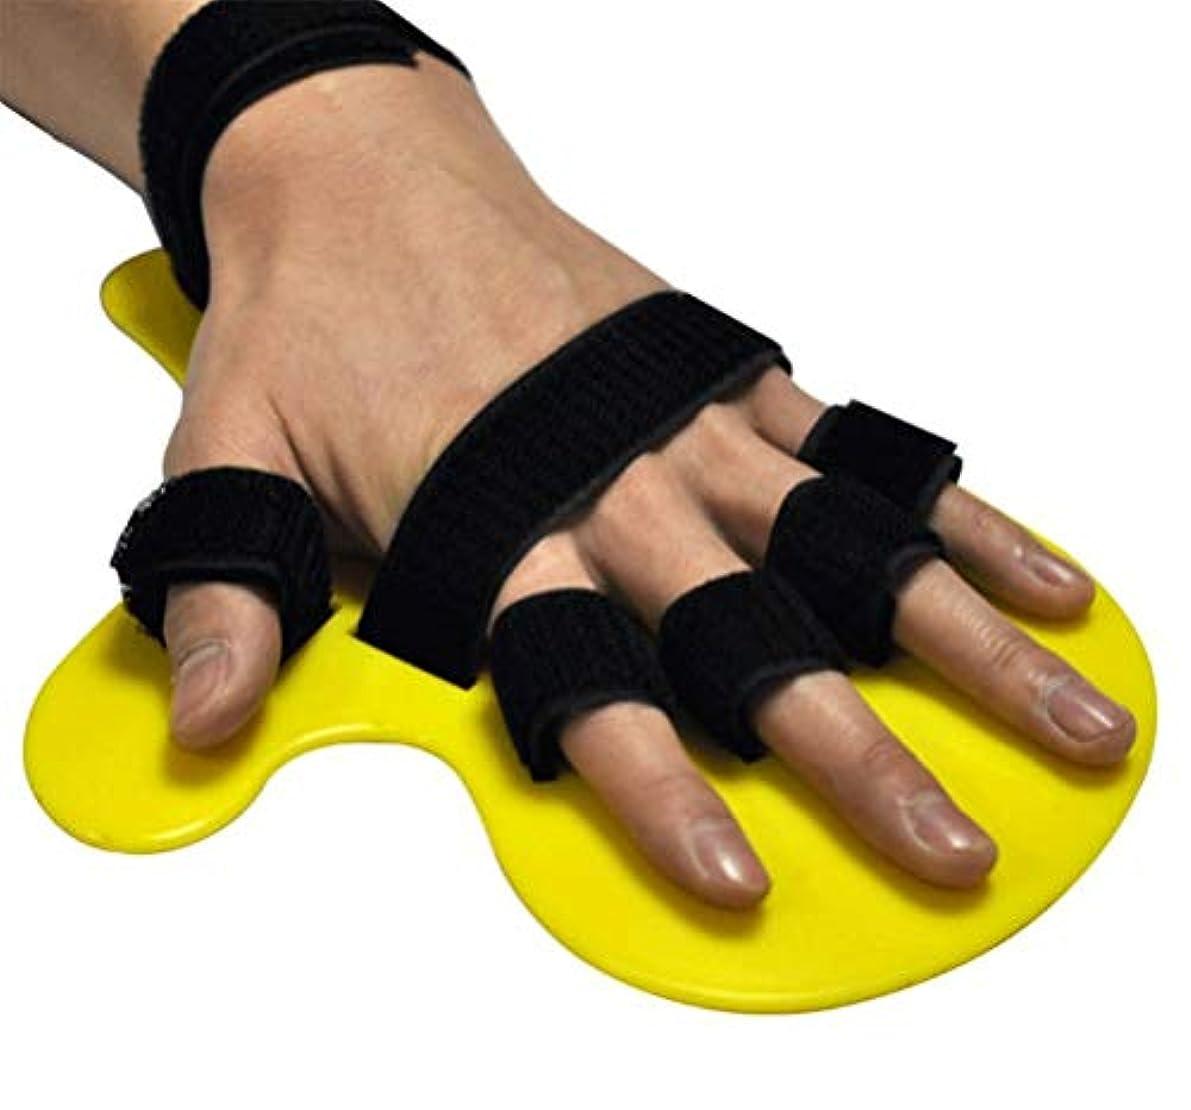 注釈出くわす道徳の研修会フィンガースプリント指リハビリテーション指インソール指、機器医療の手の手首の装具デバイスを指